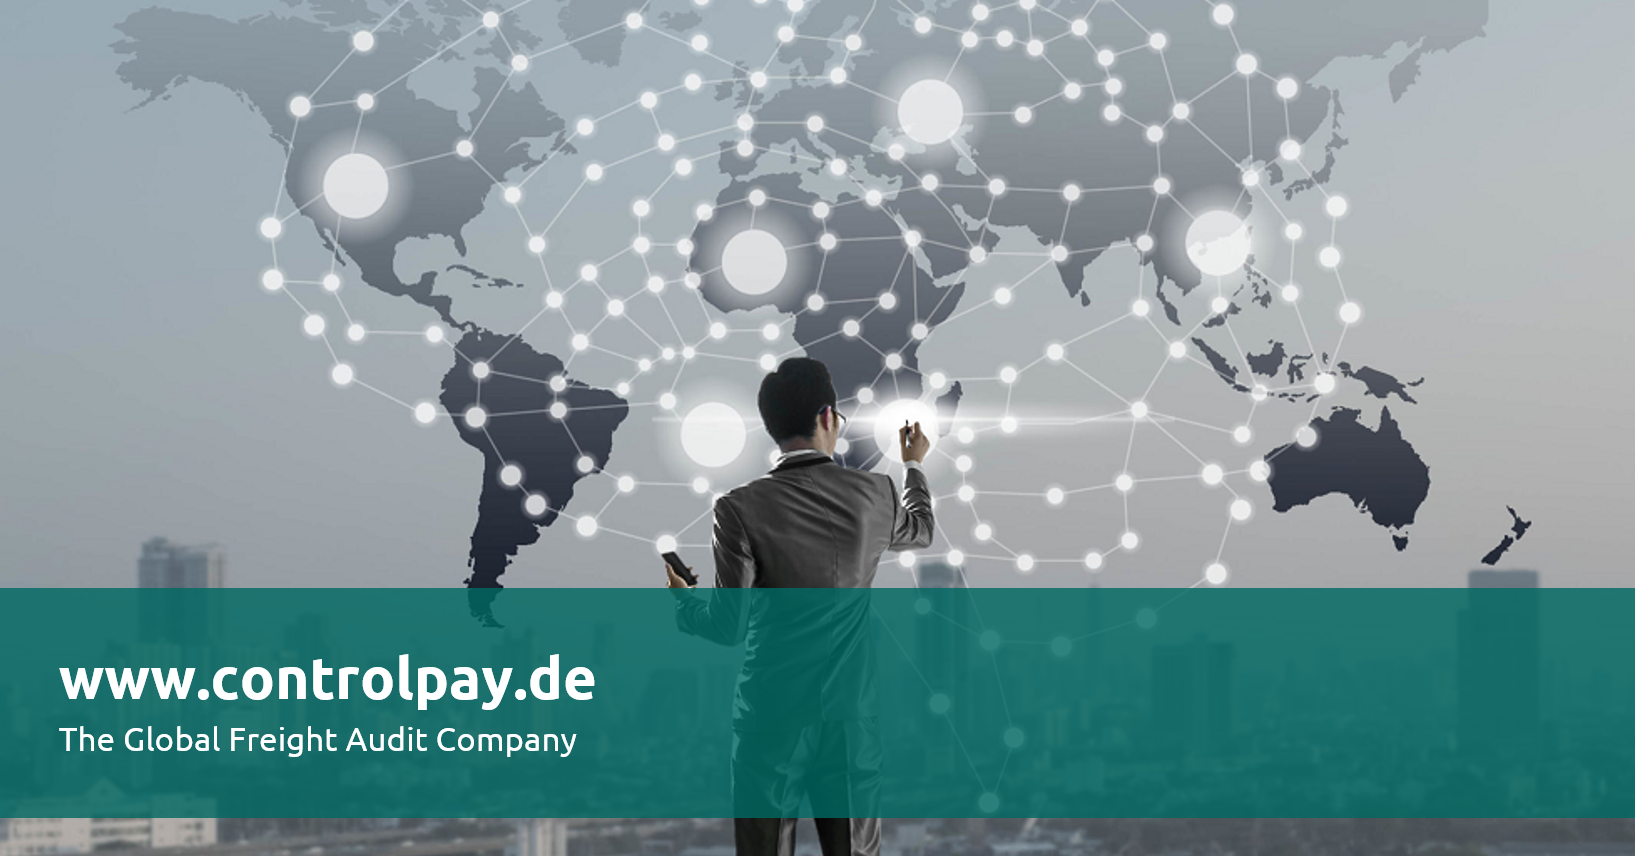 ControlPay Deutschland